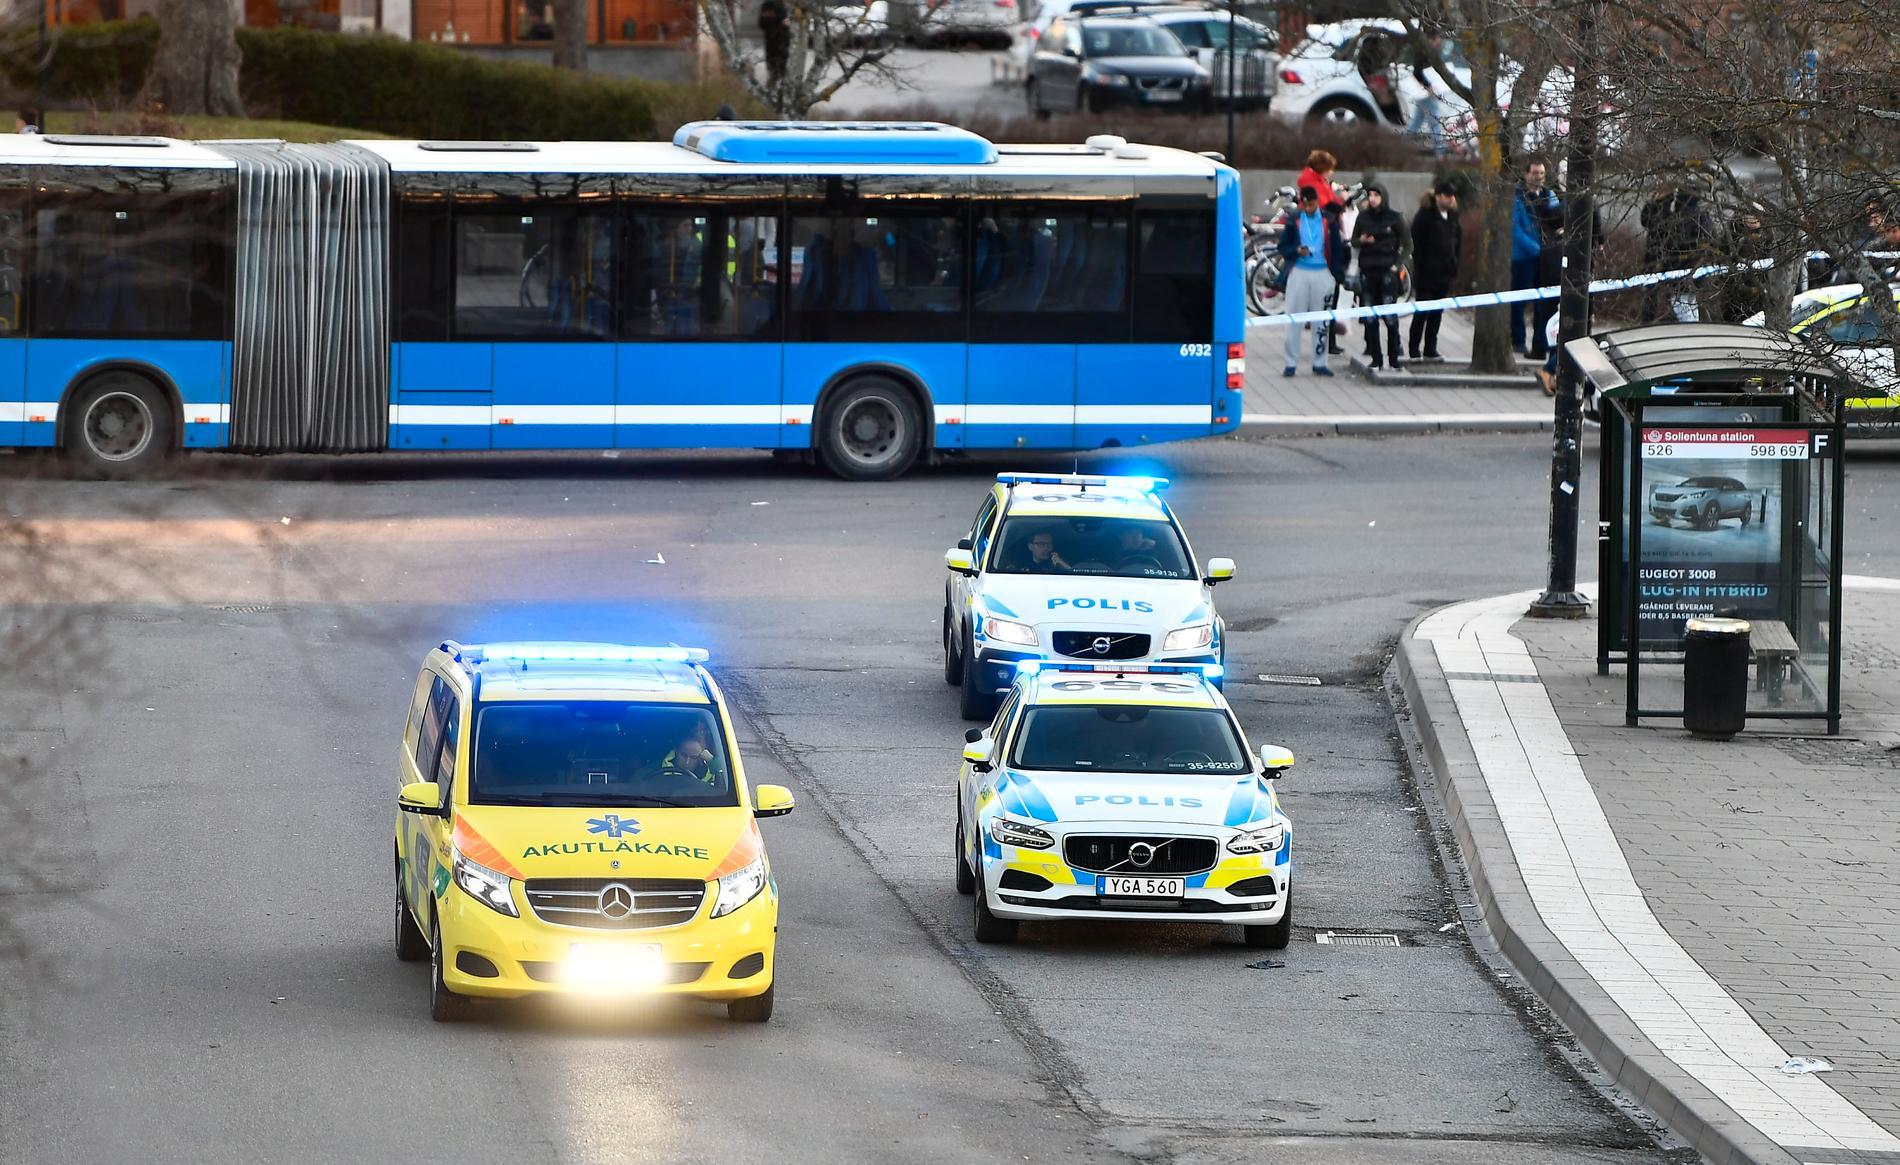 Den skadade personen ska finnas i närheten av en busstorg. Polisen har spärrat av området för teknisk undersökning.